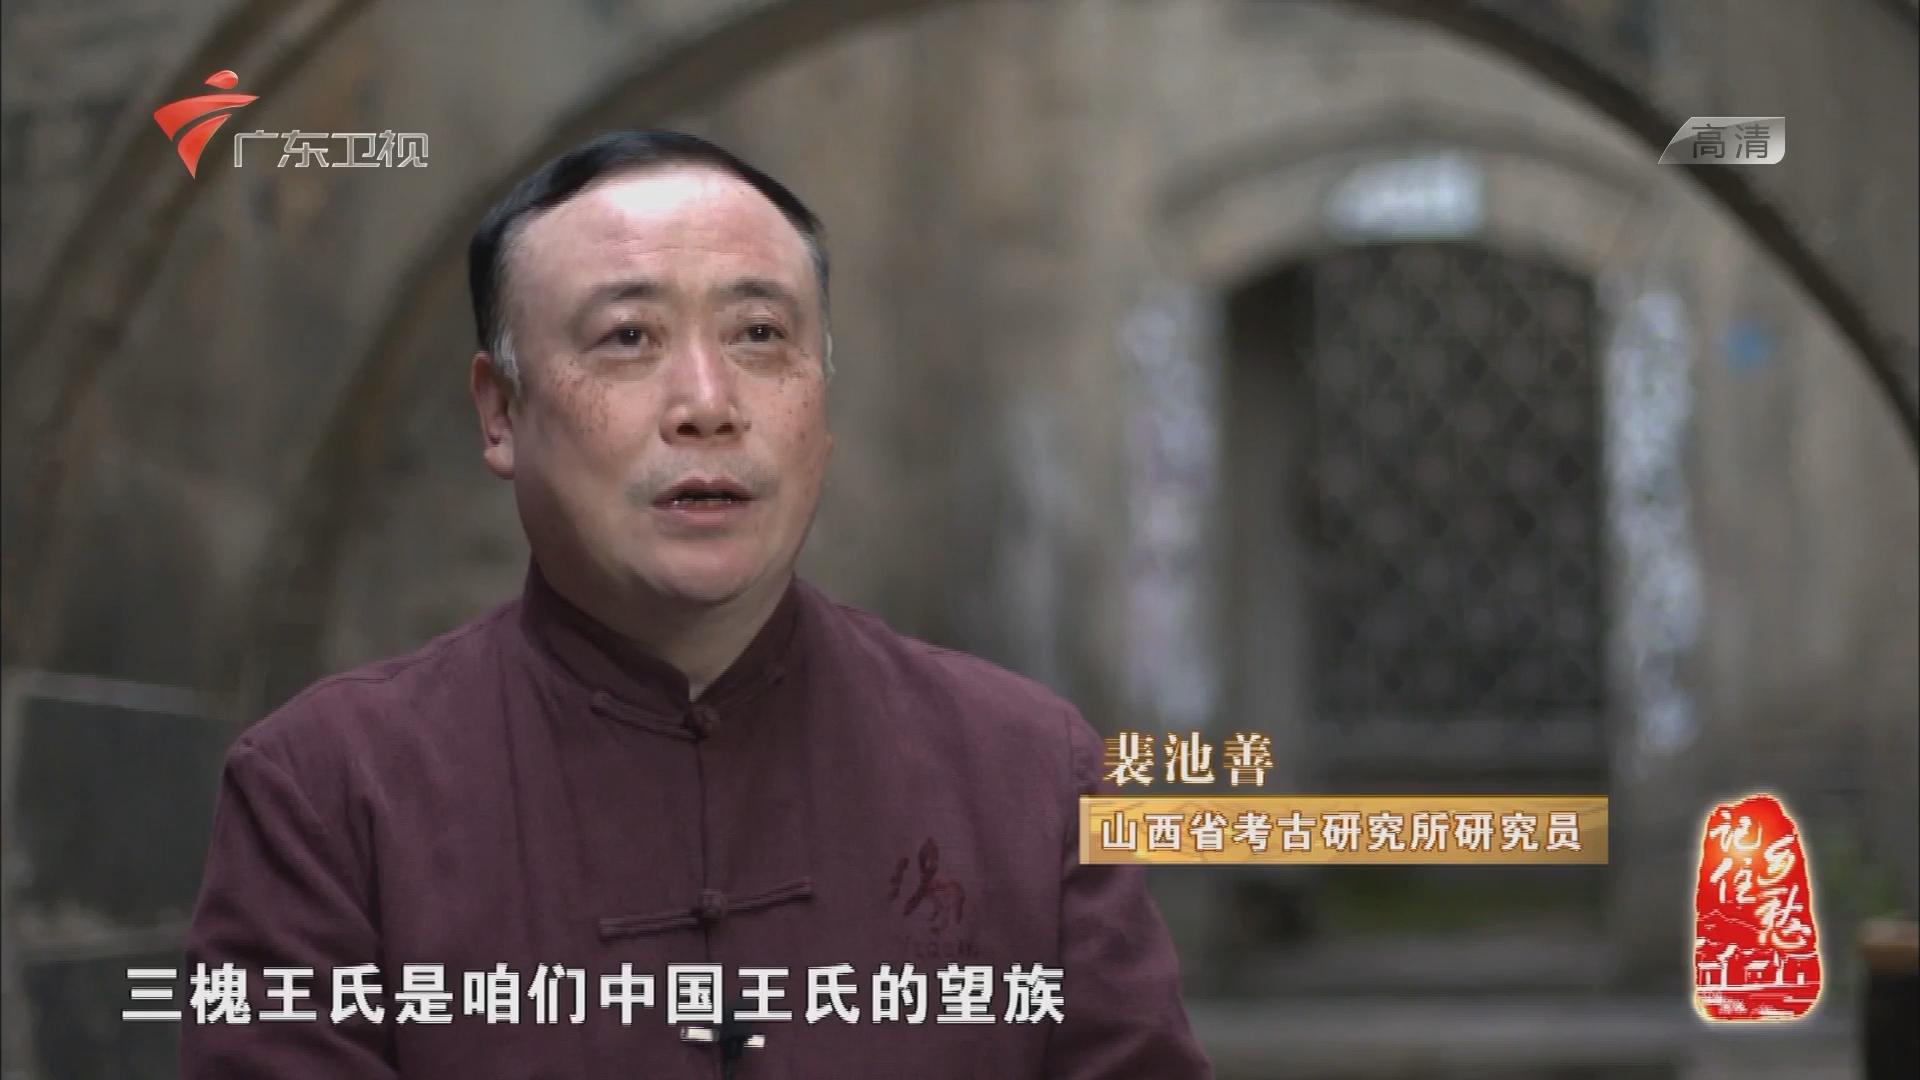 上庄村——慎独修身